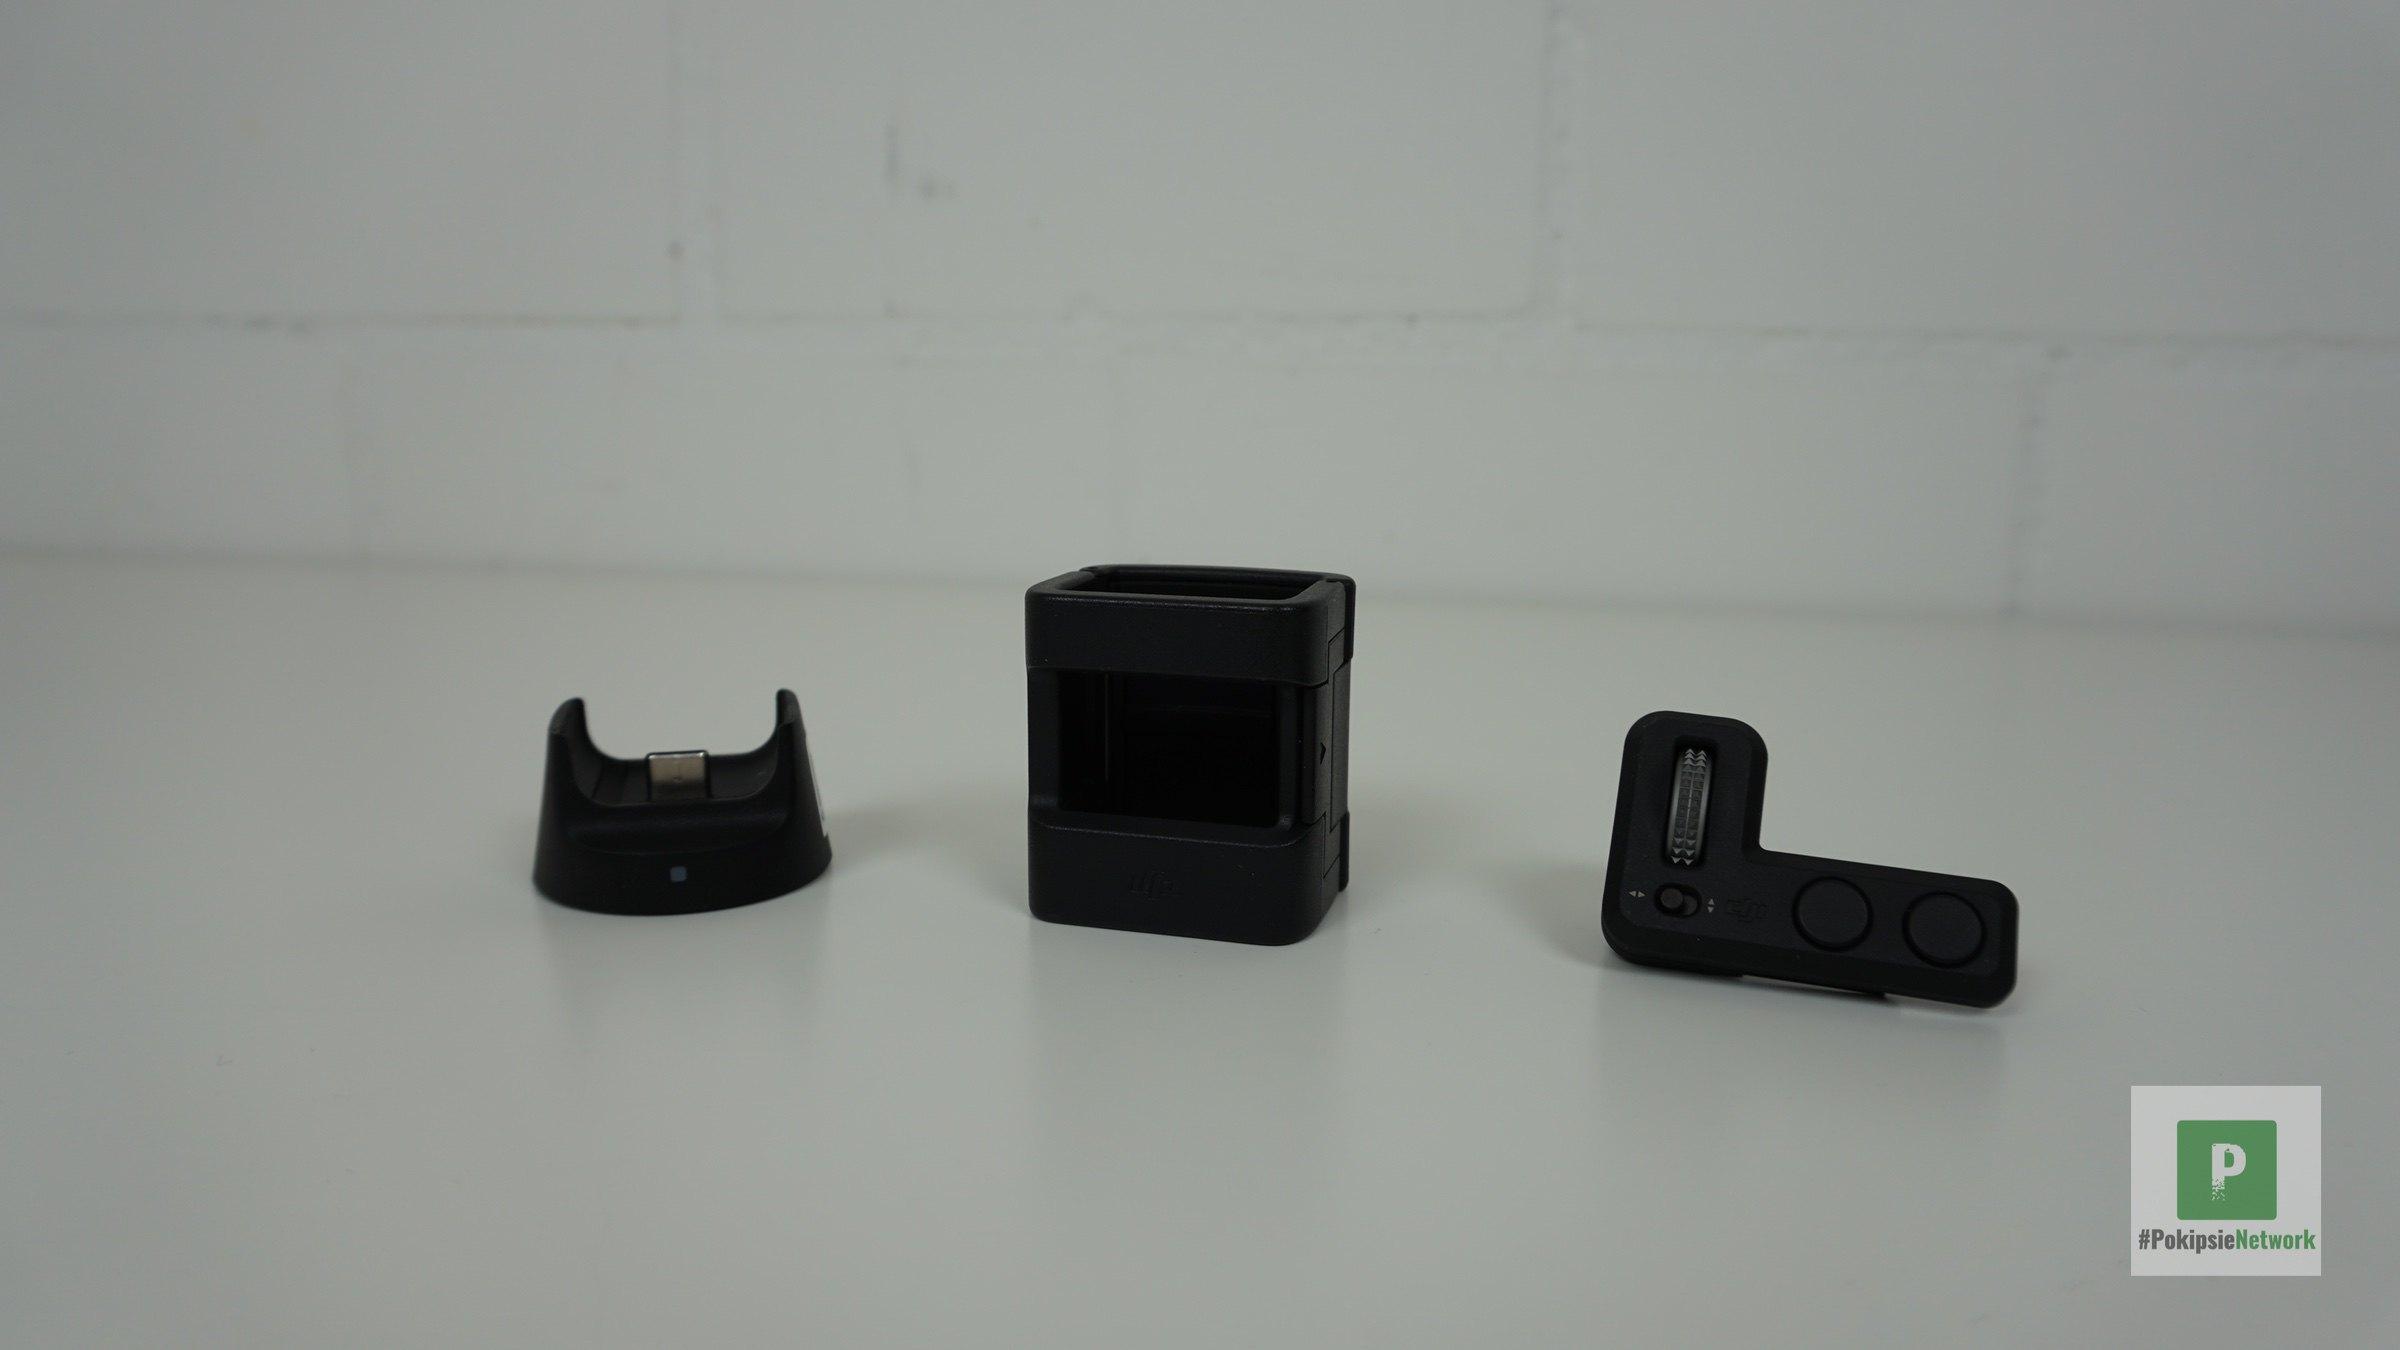 Die drei Zubehör Produkte